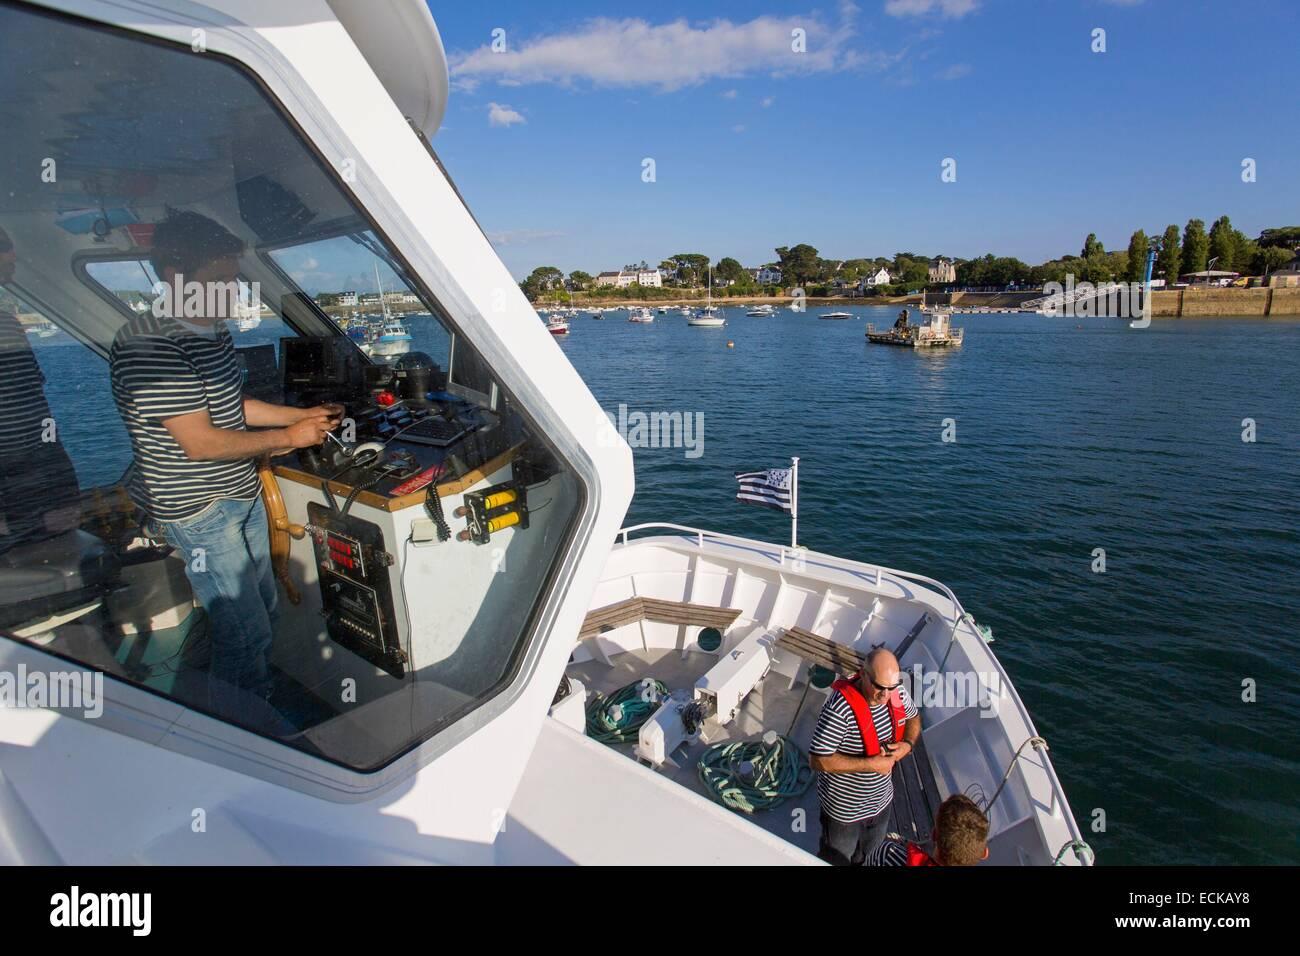 Francia, Morbihan, Arzon, Port Navalo arrivo di una nave da crociera visitando il Golfo di Morbihan isole Immagini Stock